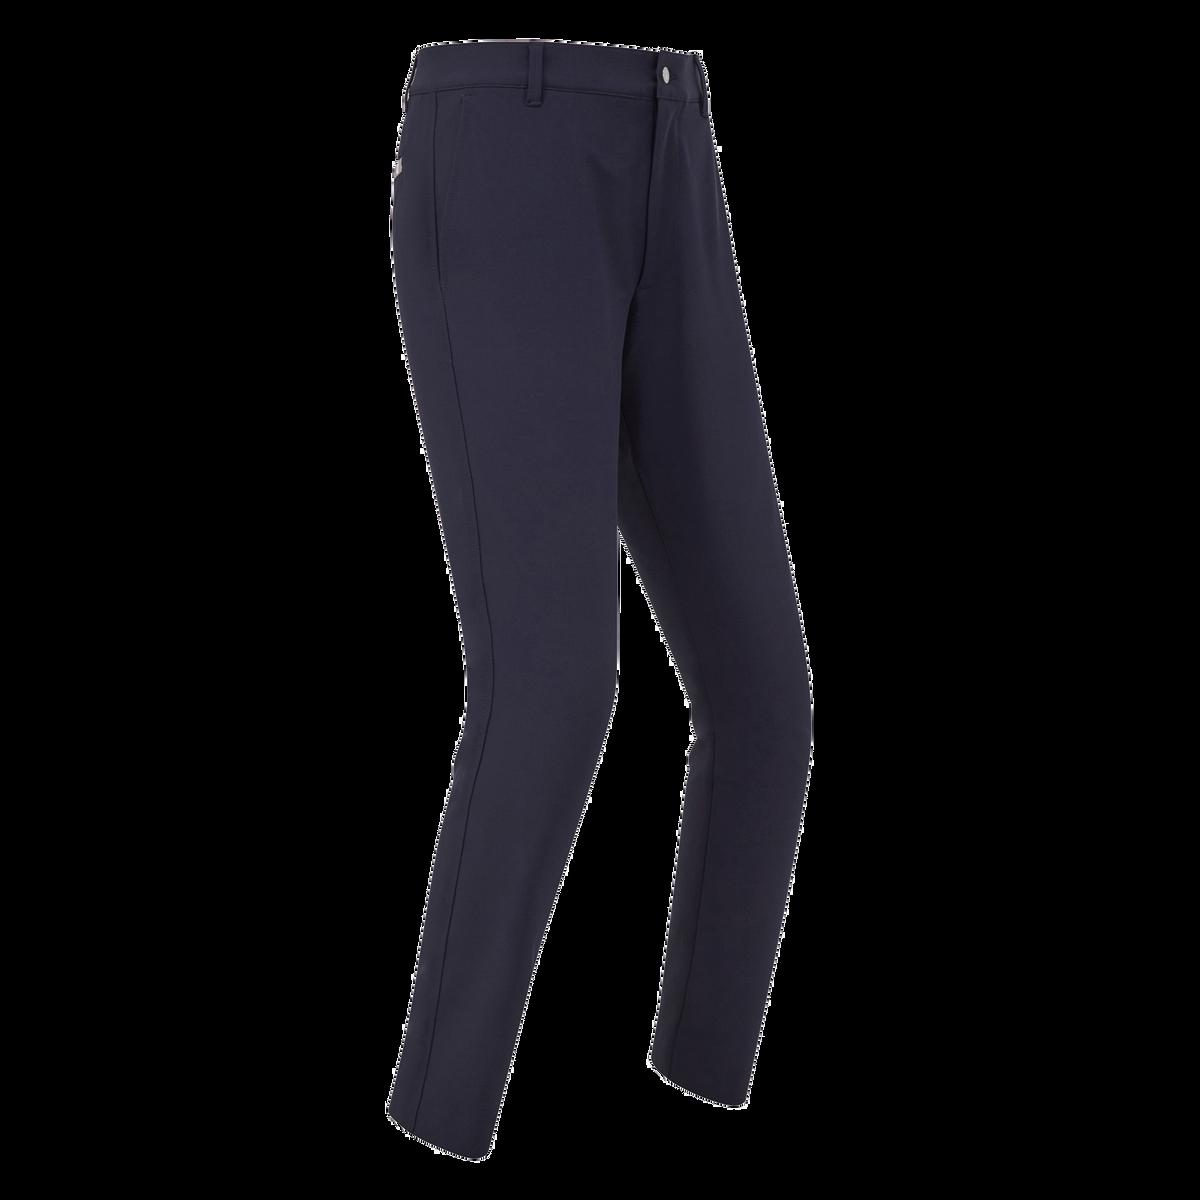 Pantalons fuseau FJ performants, coupe ajustée